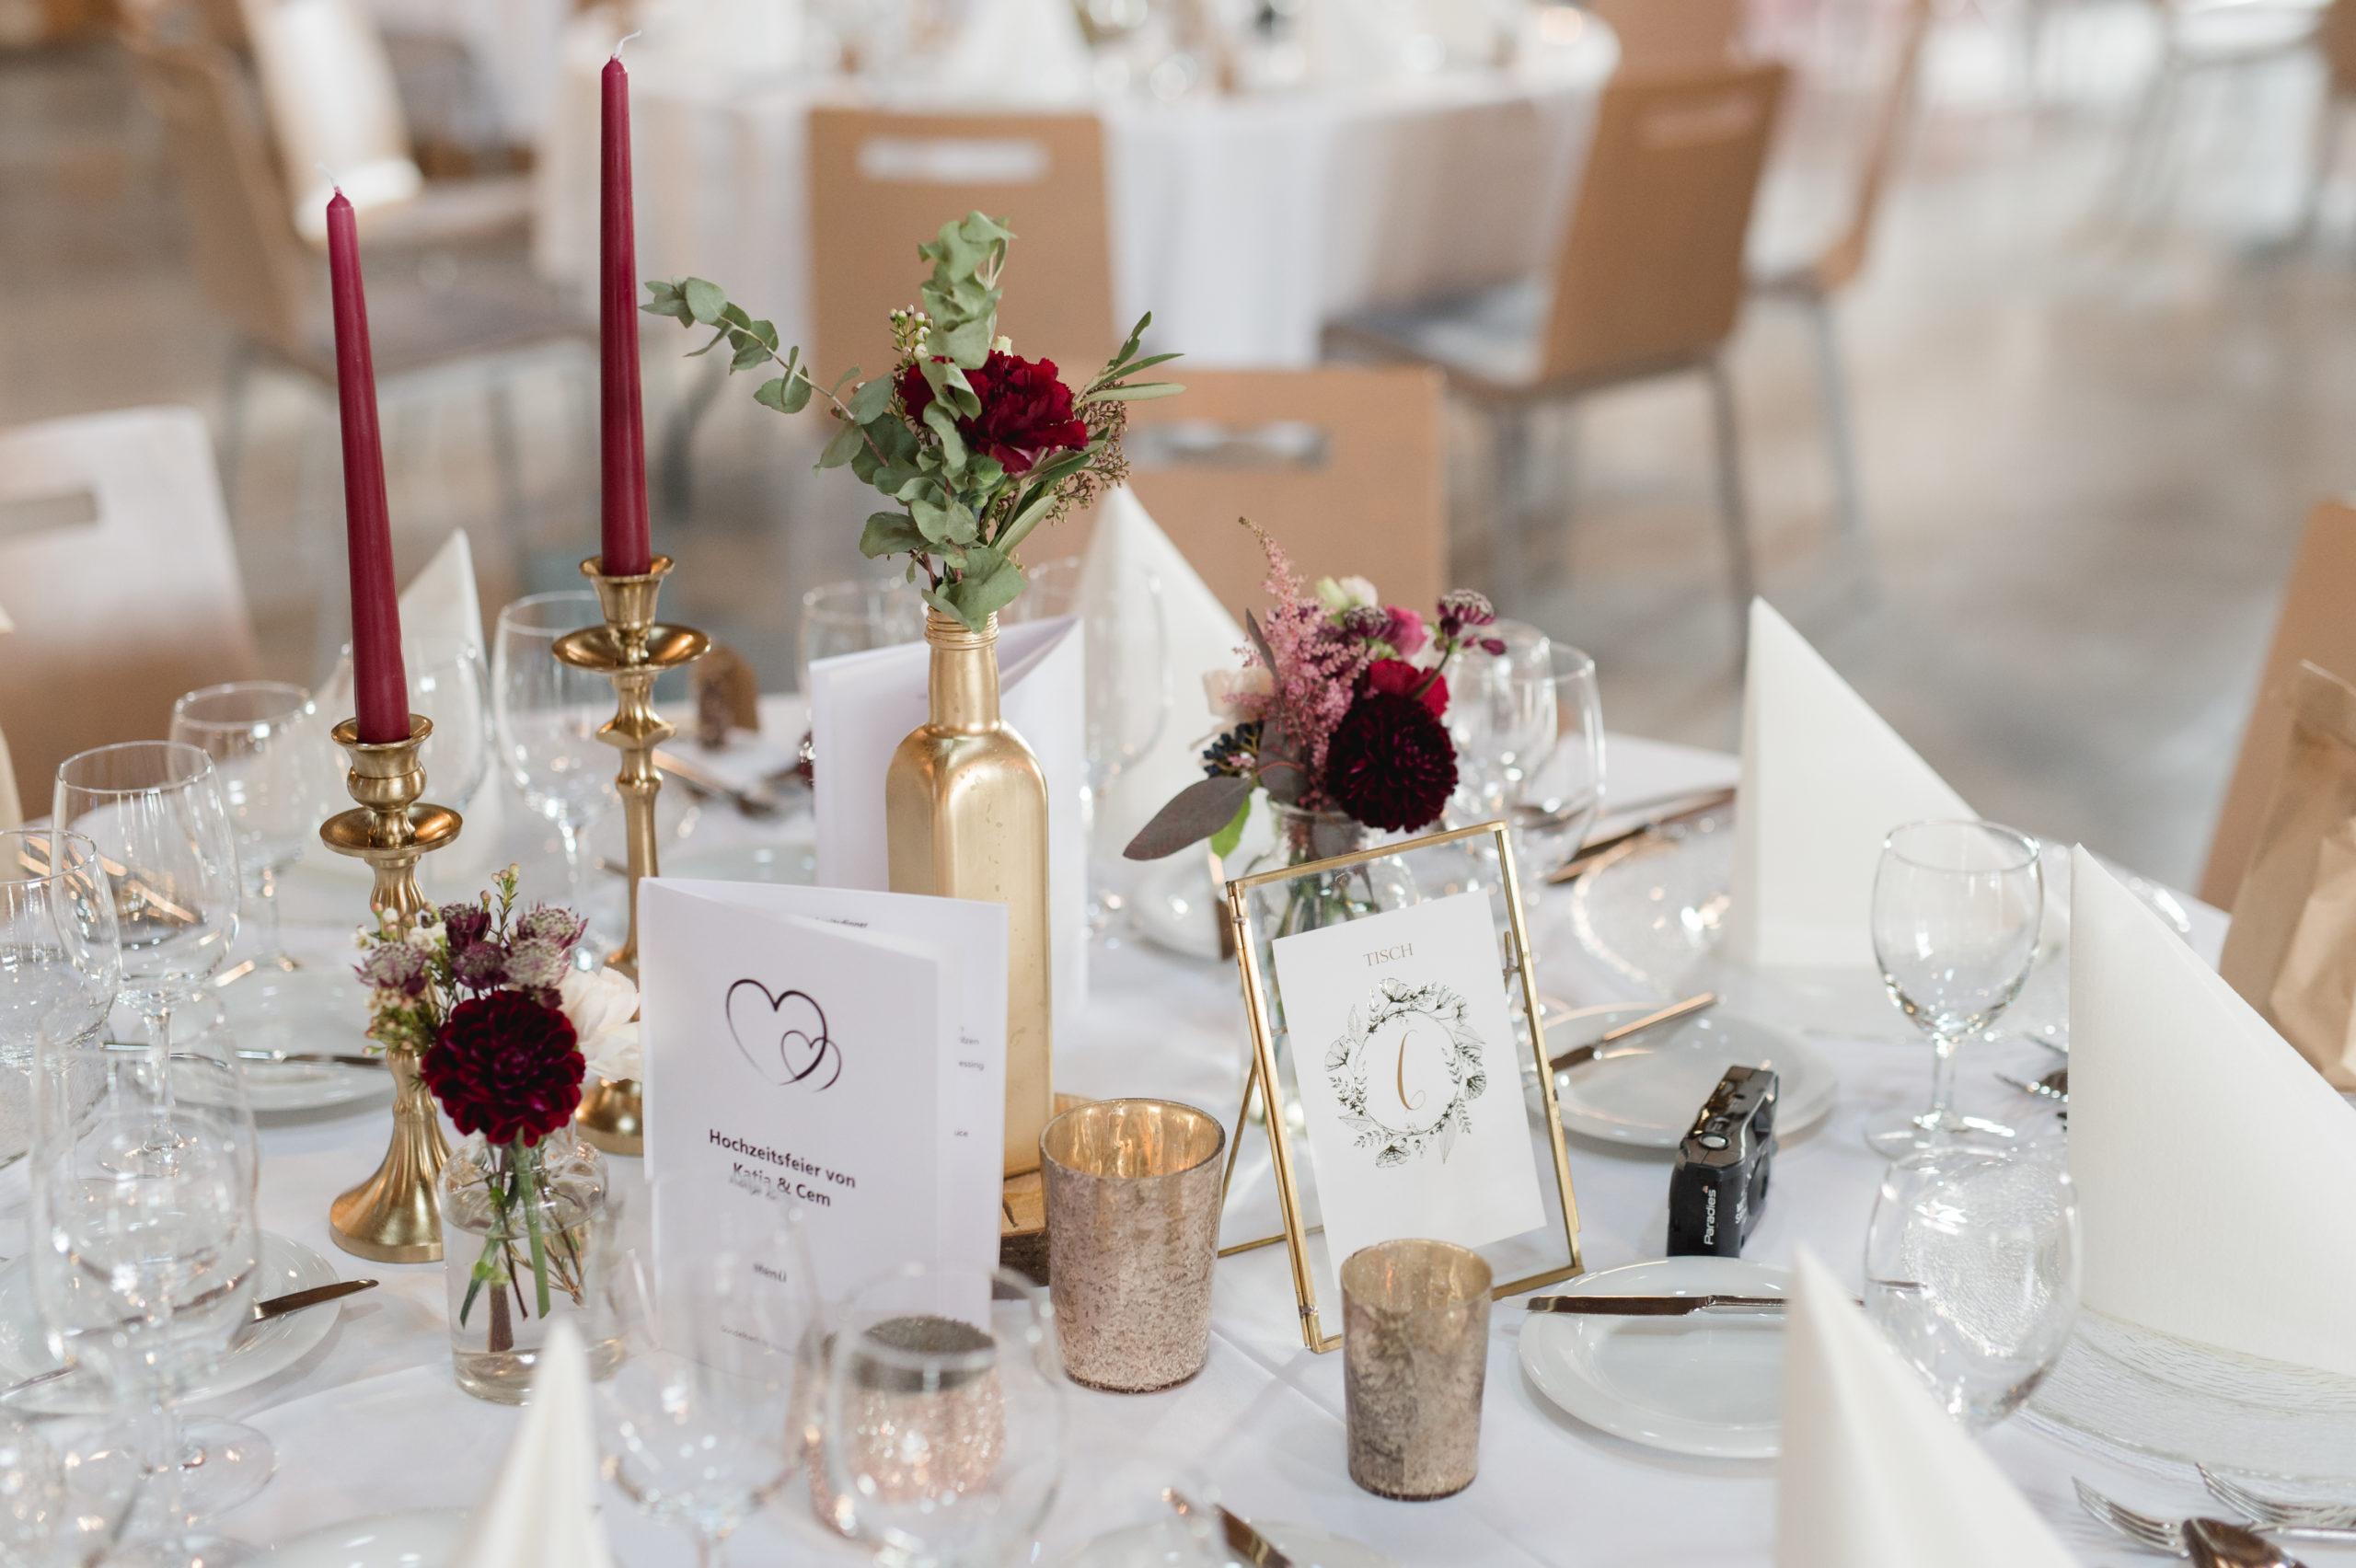 Hochzeit in kräftigen Farben